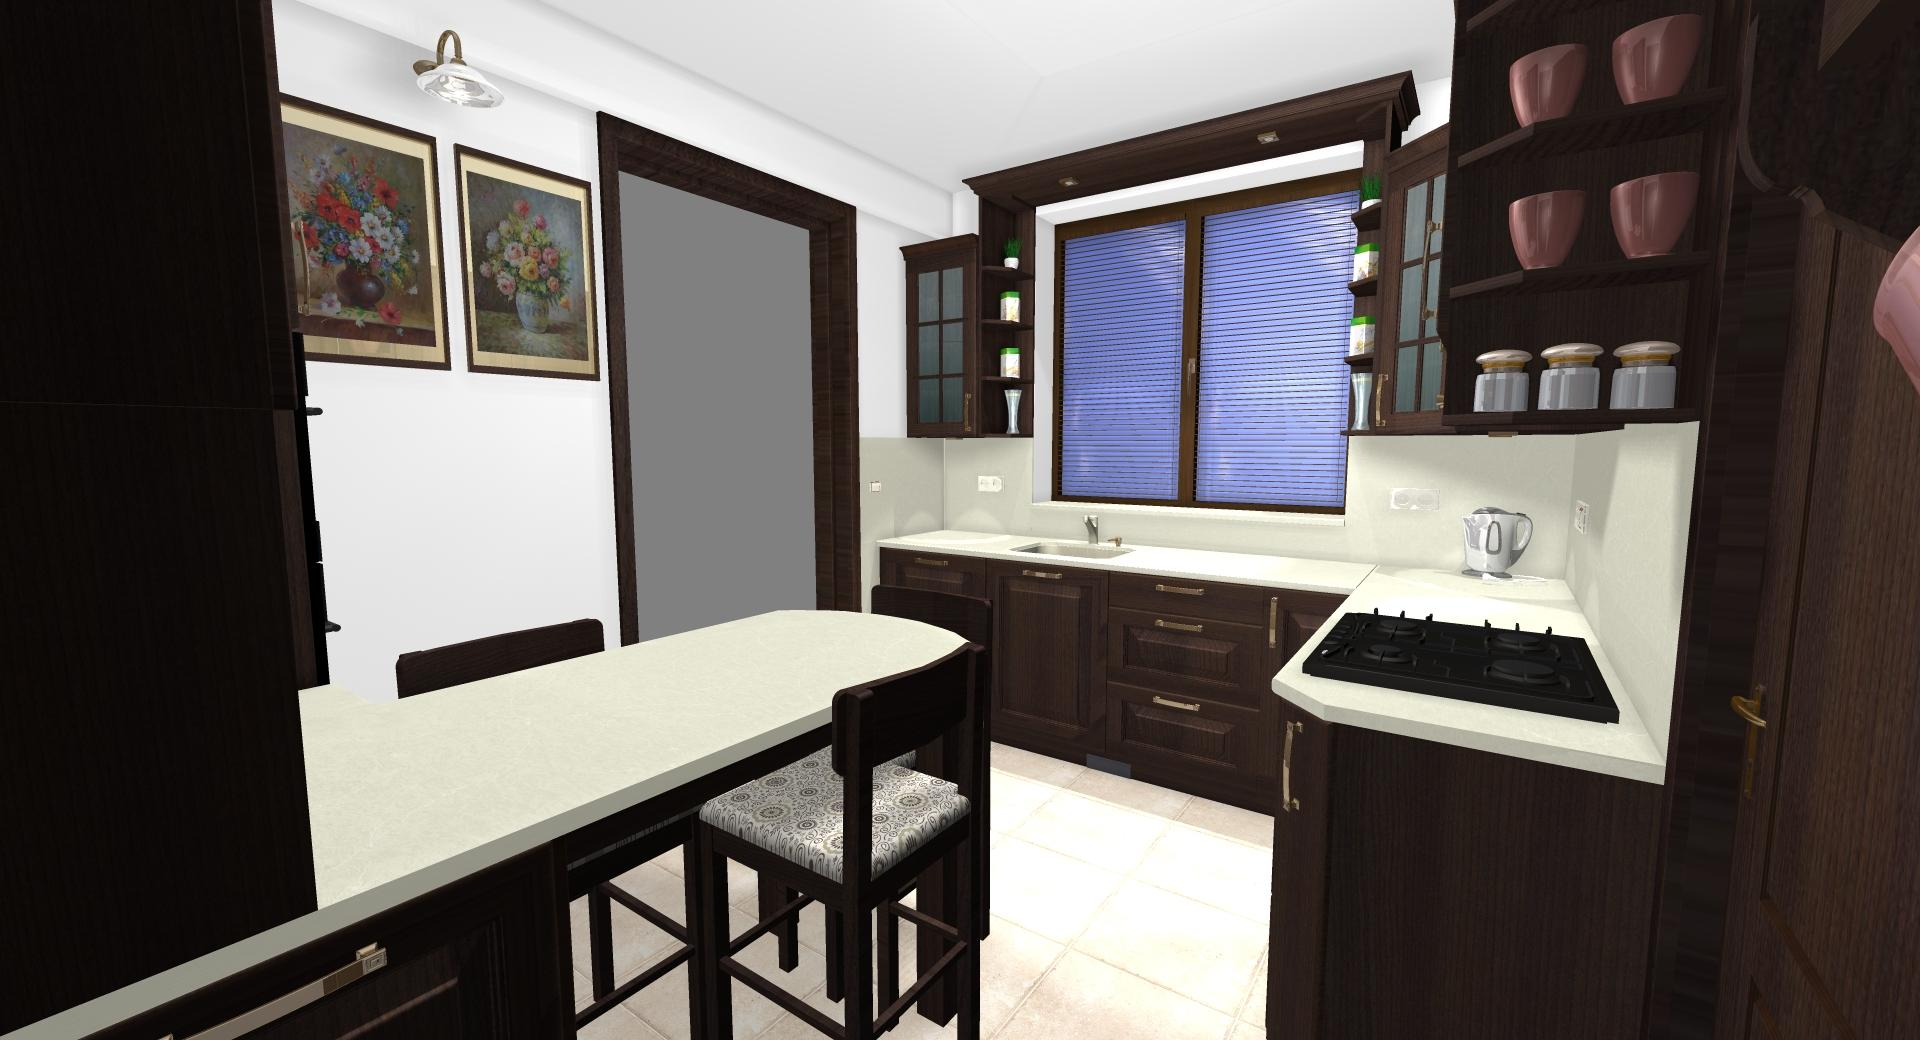 Grafické návrhy kuchynských liniek 2020 - Grafický návrh kuchynskej linky do rodinného domu v rustikálnom štýle - obr.8